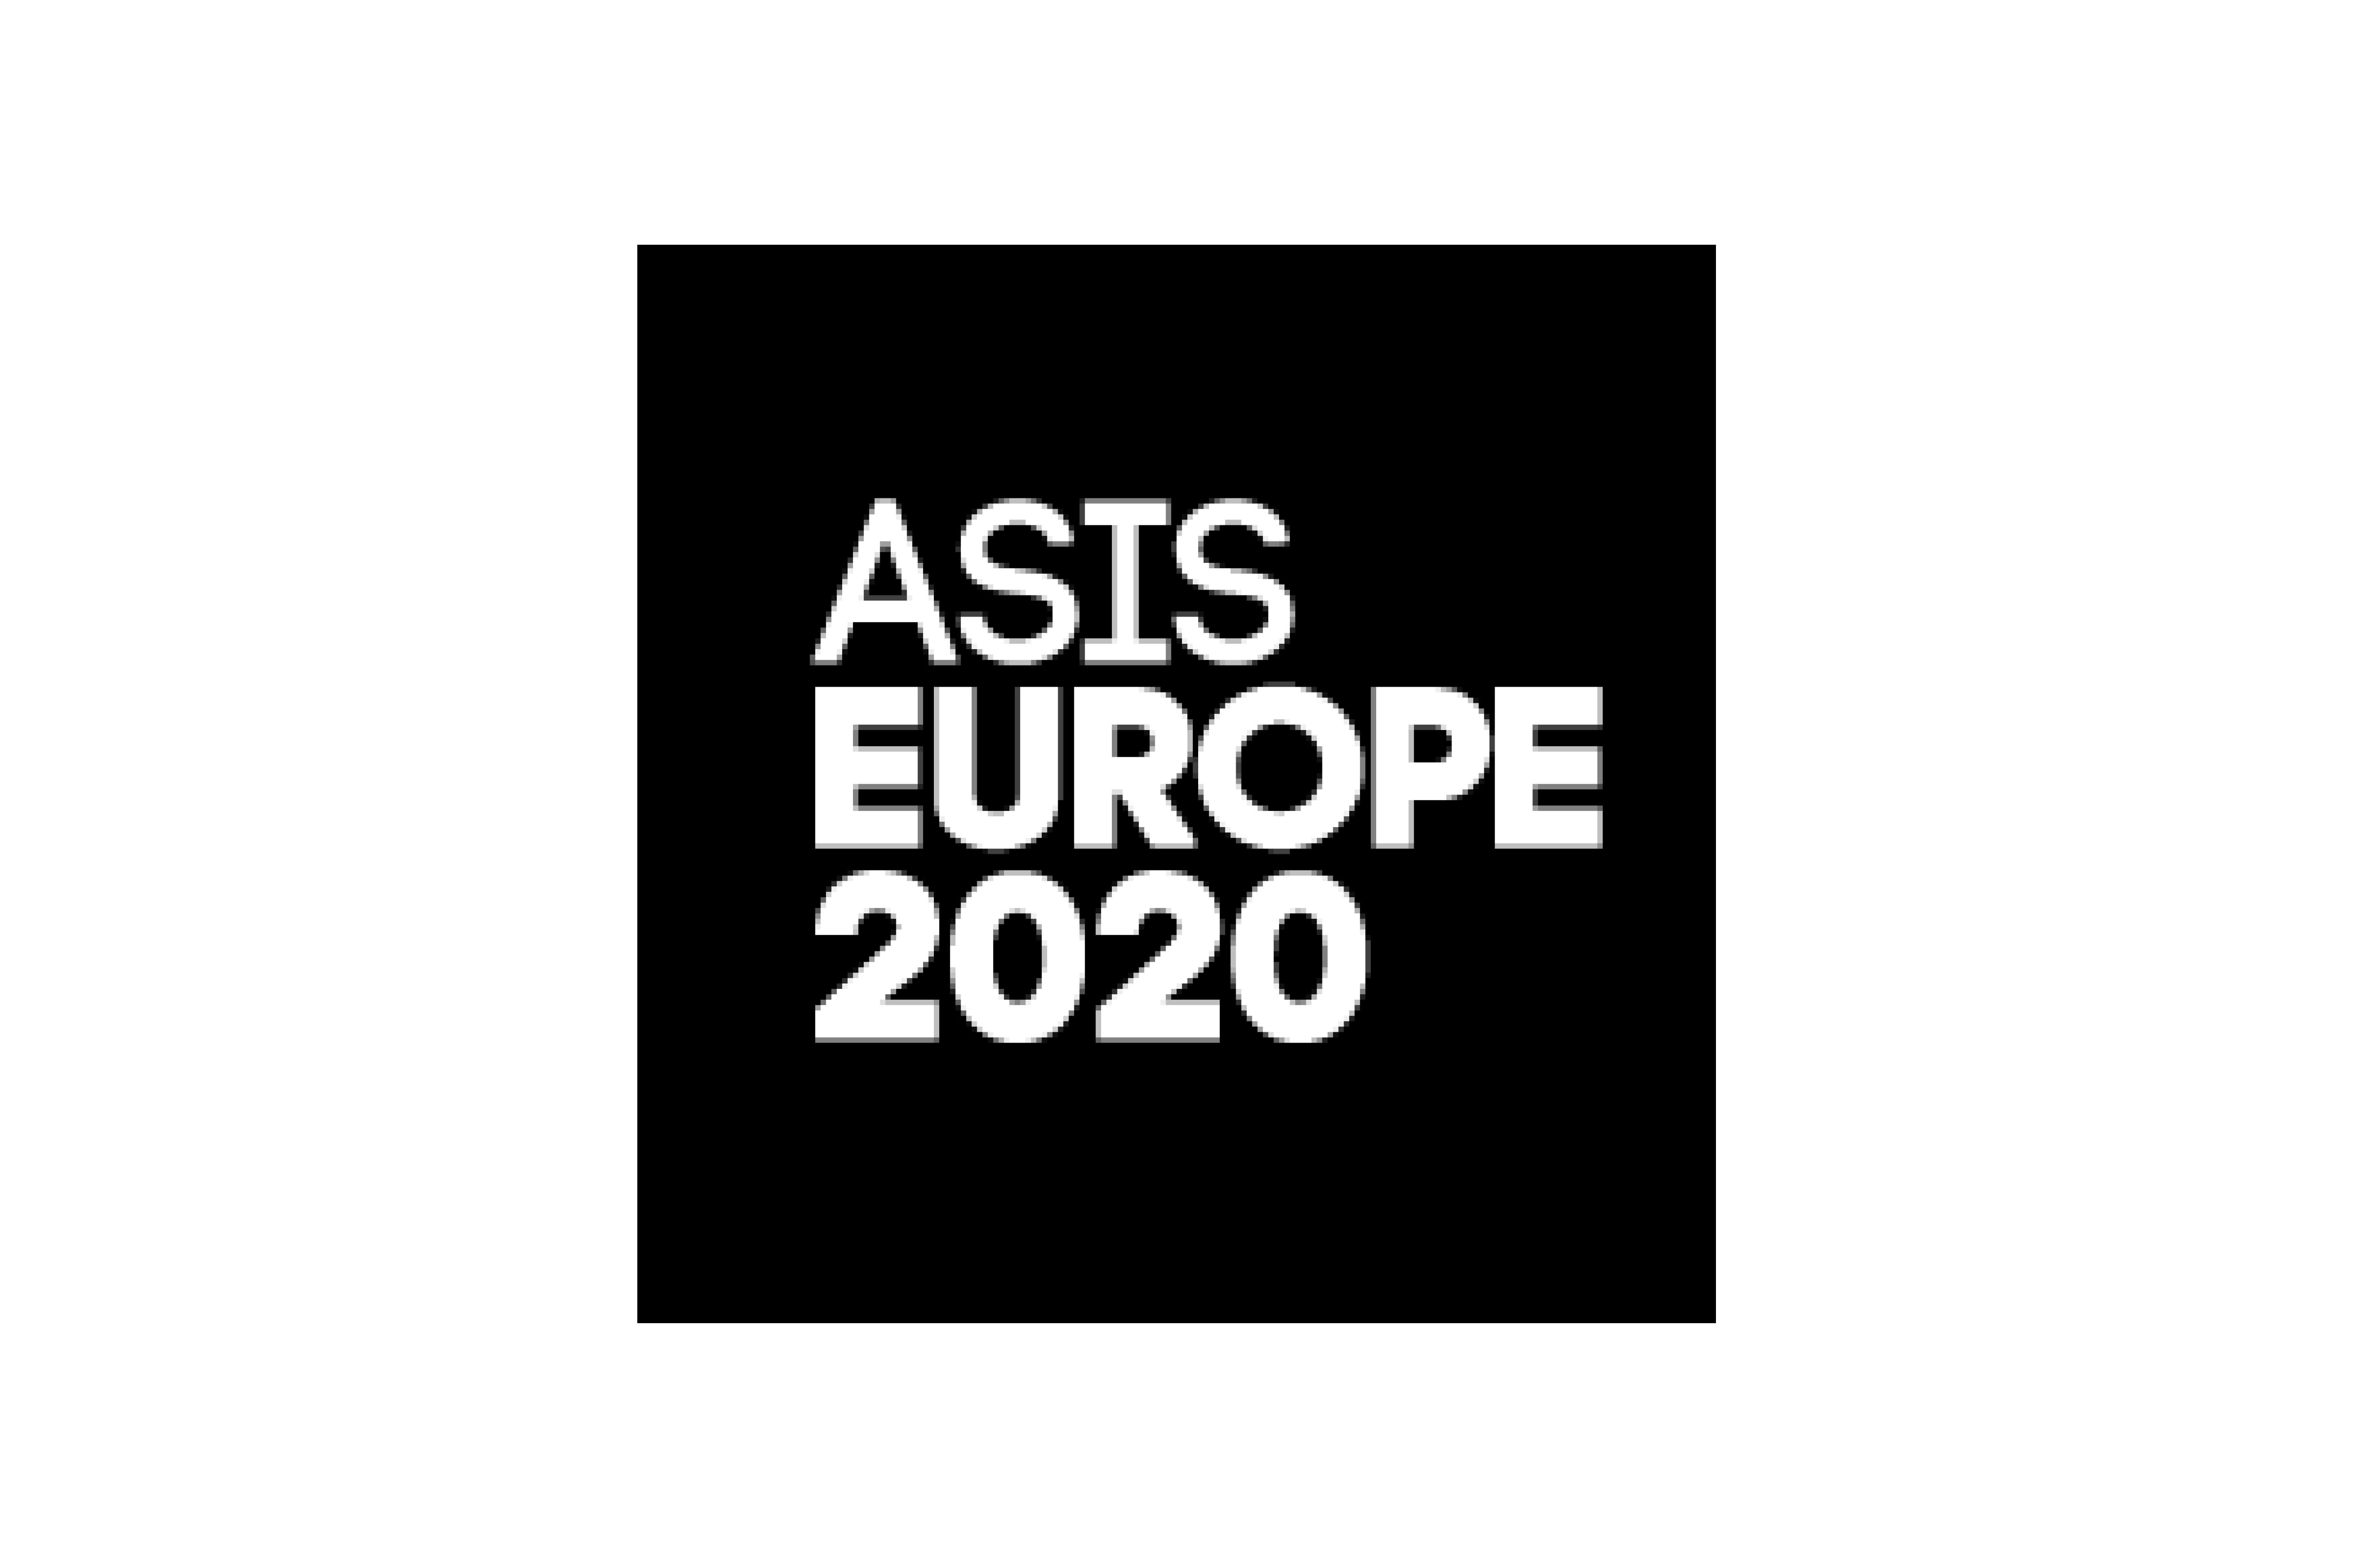 ASIS Europe